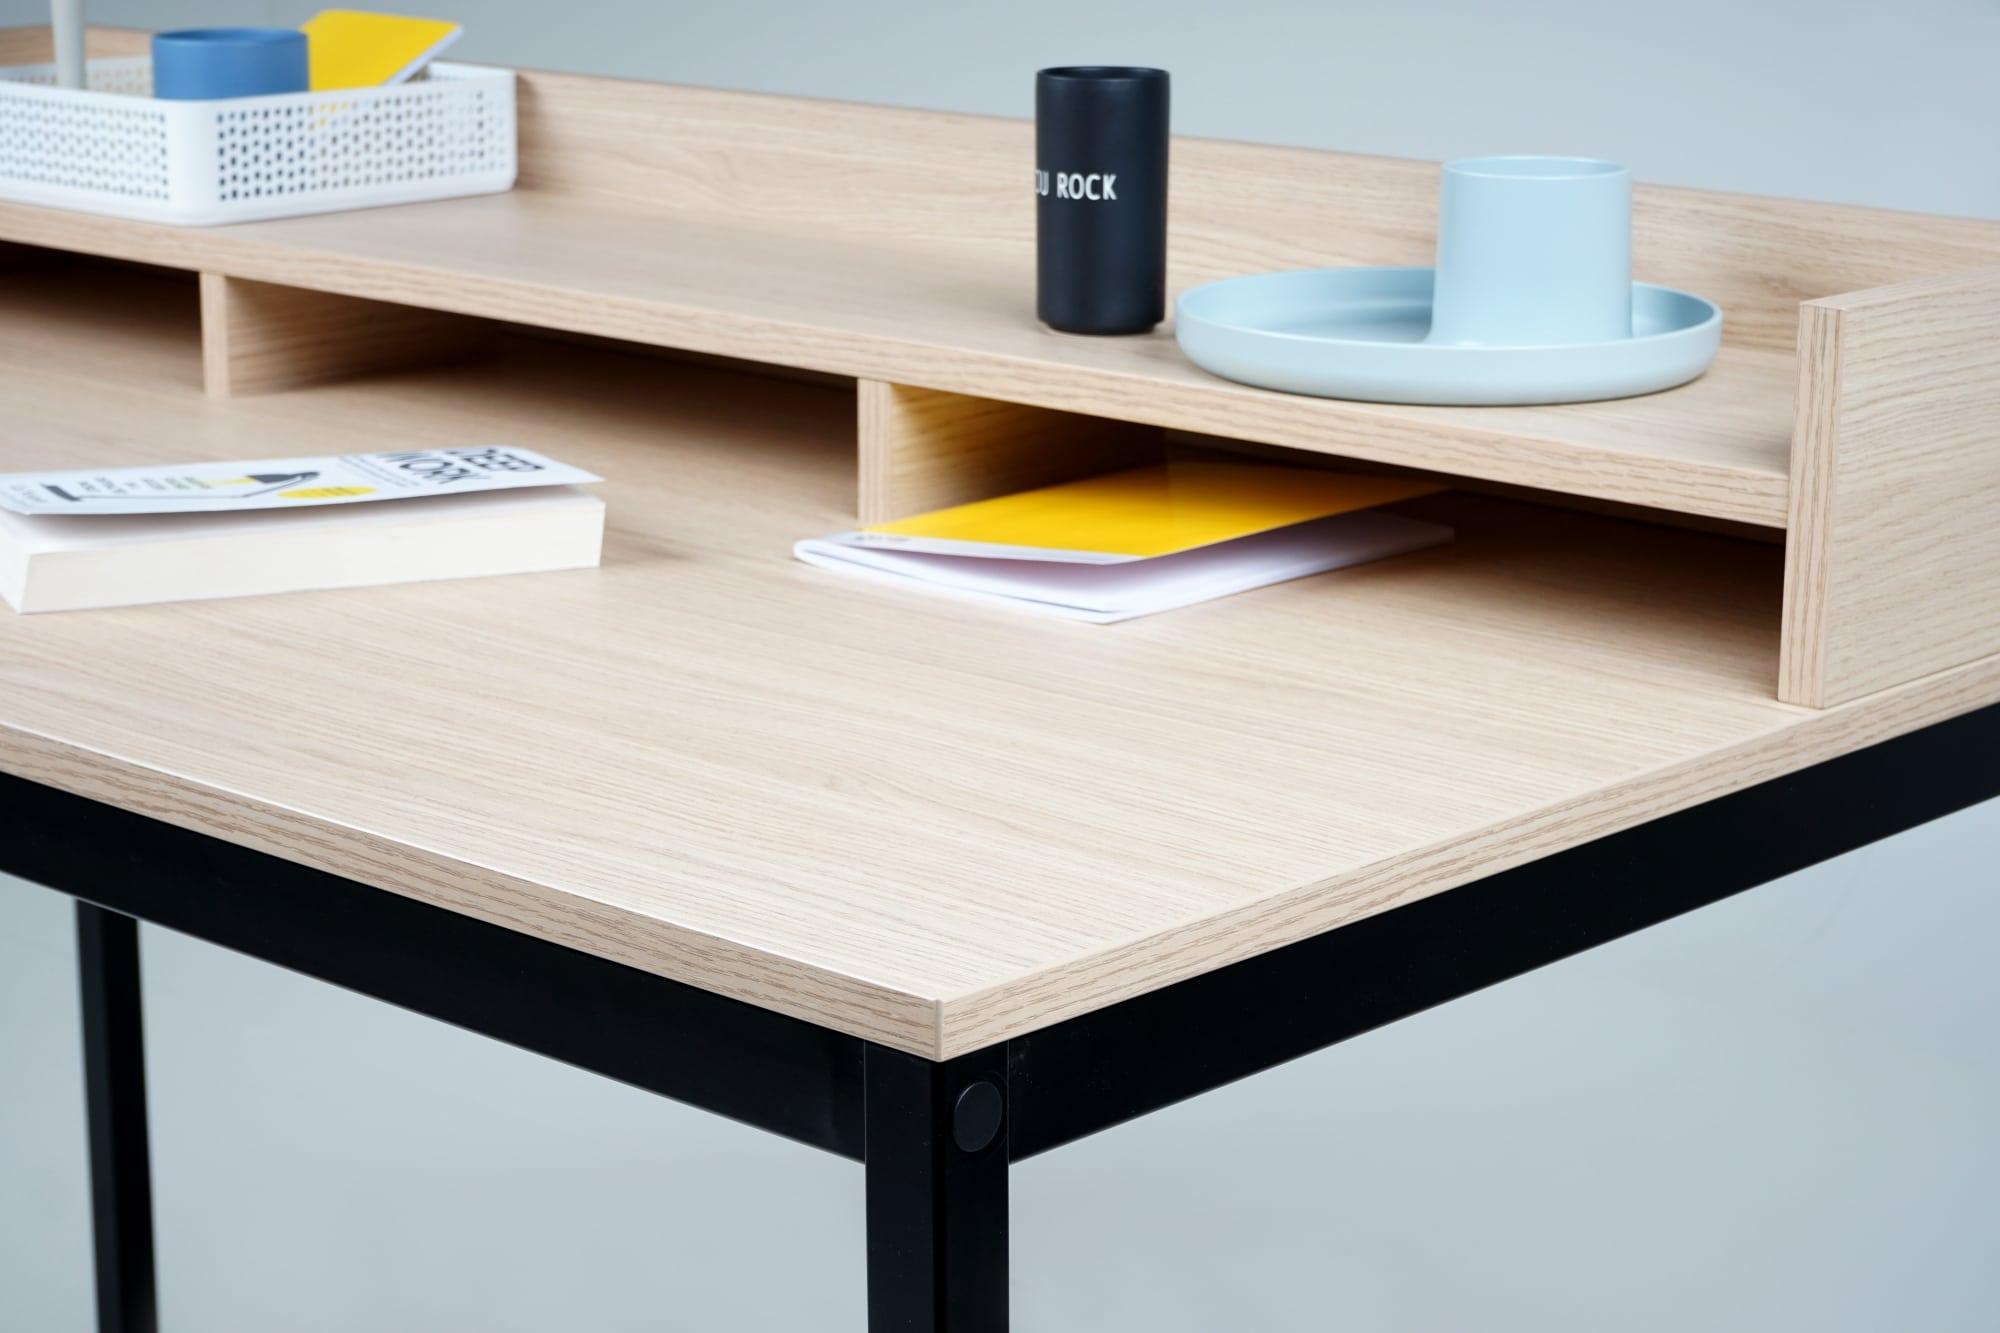 Tischdetail von einem schwarzen Tisch mit einer Tischplatte in Eiche für ein Homeoffice - Sekretär sk 60